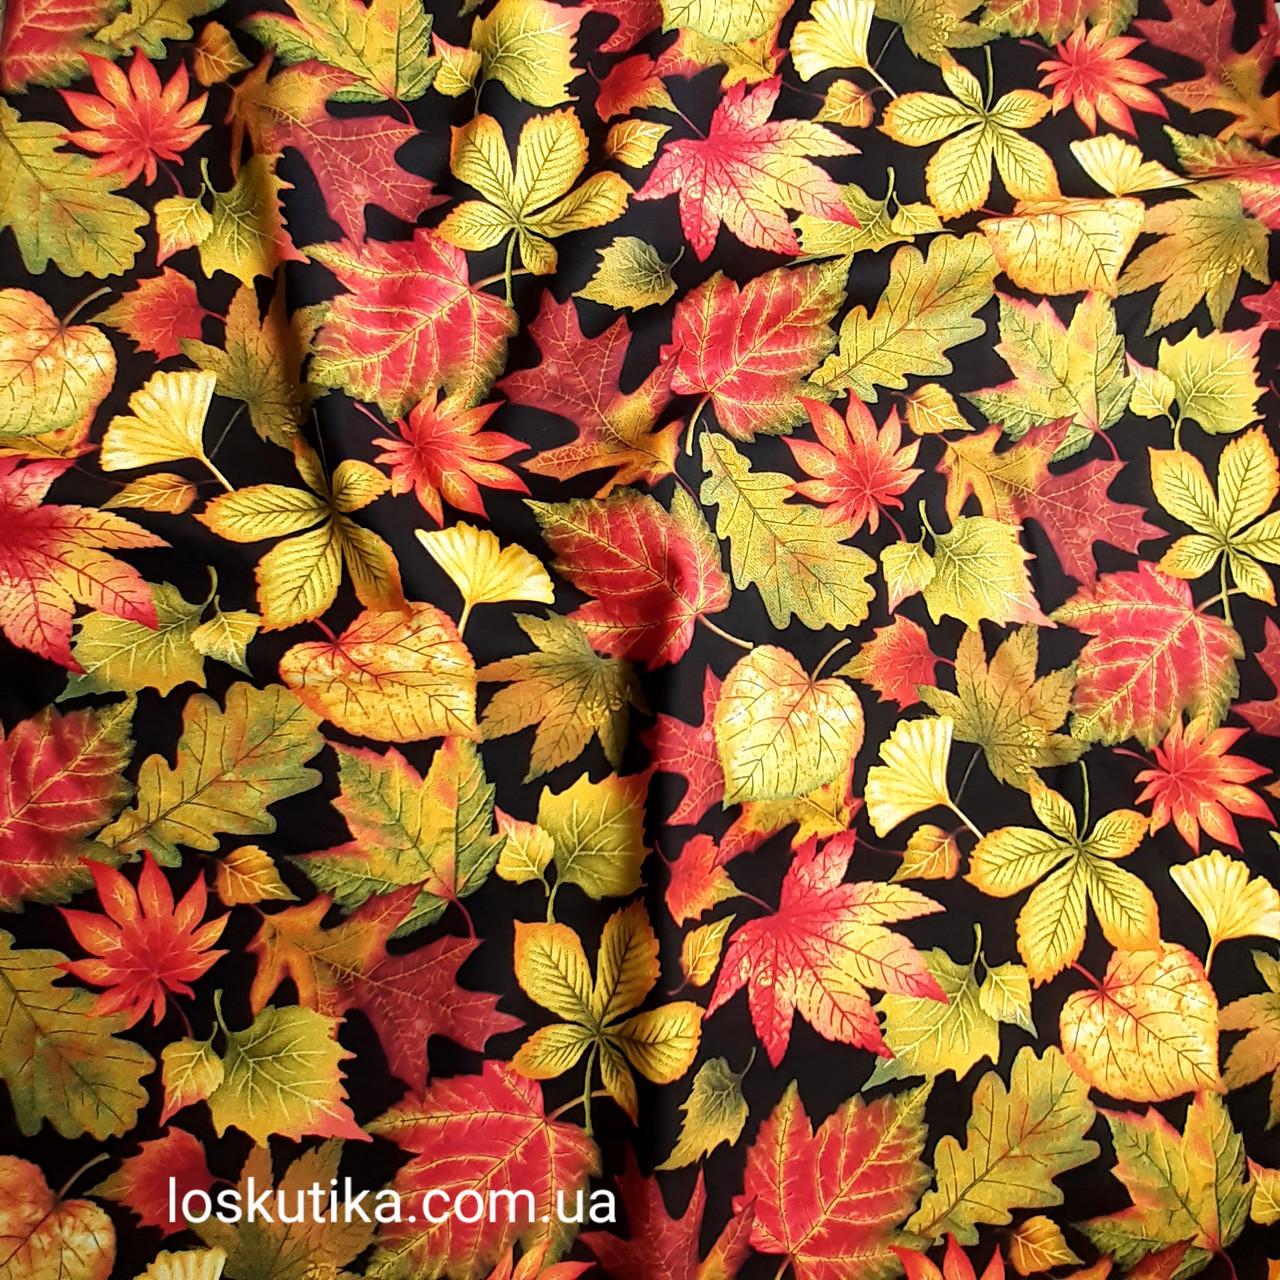 56015 Лиственная. Ткань с изображением листочков. Натуральные ткани с рисунком.